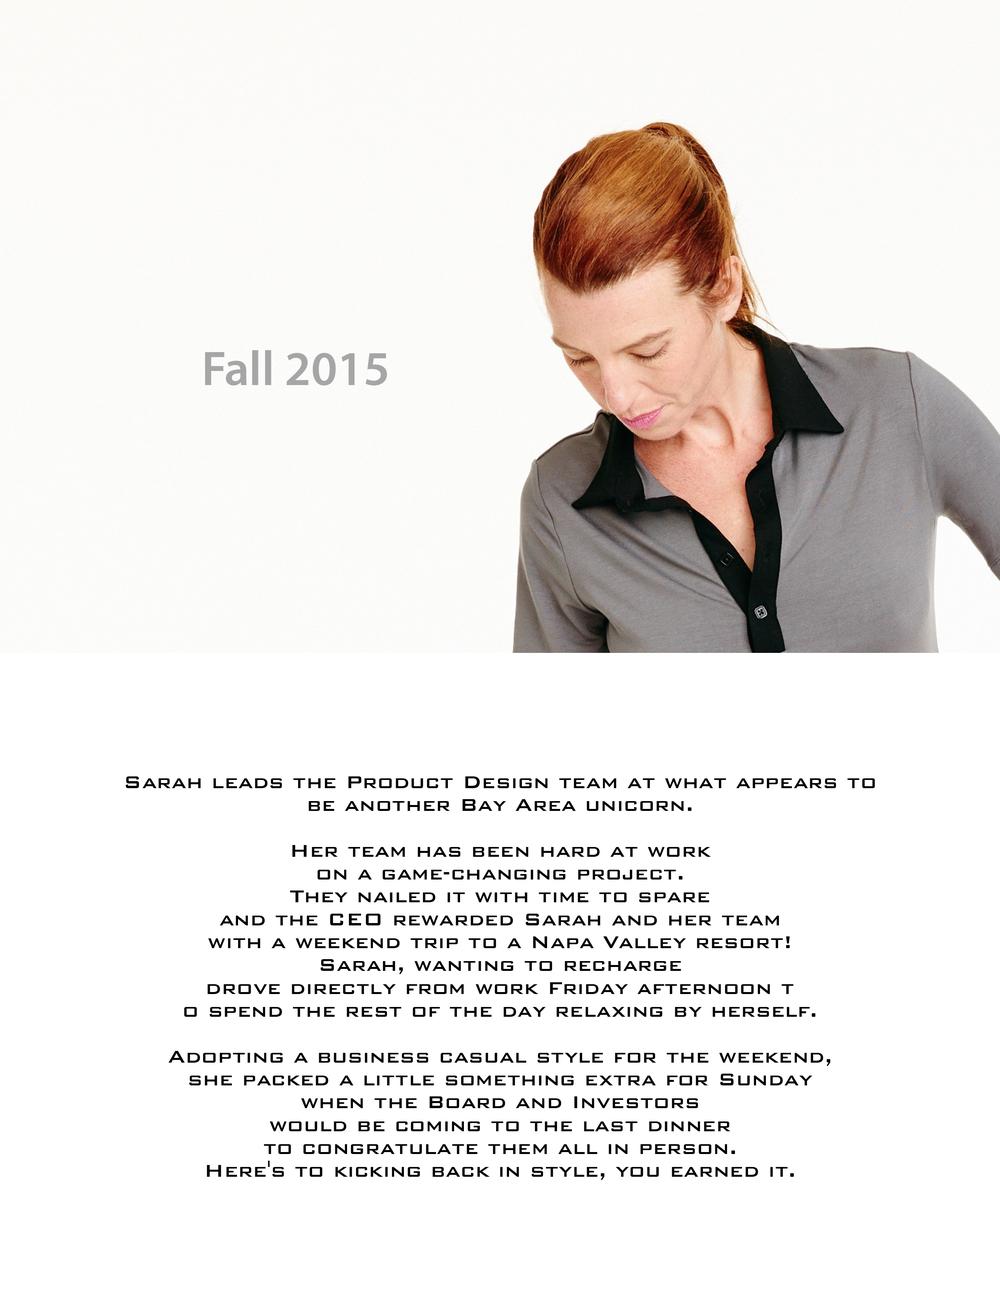 fall 2015 story